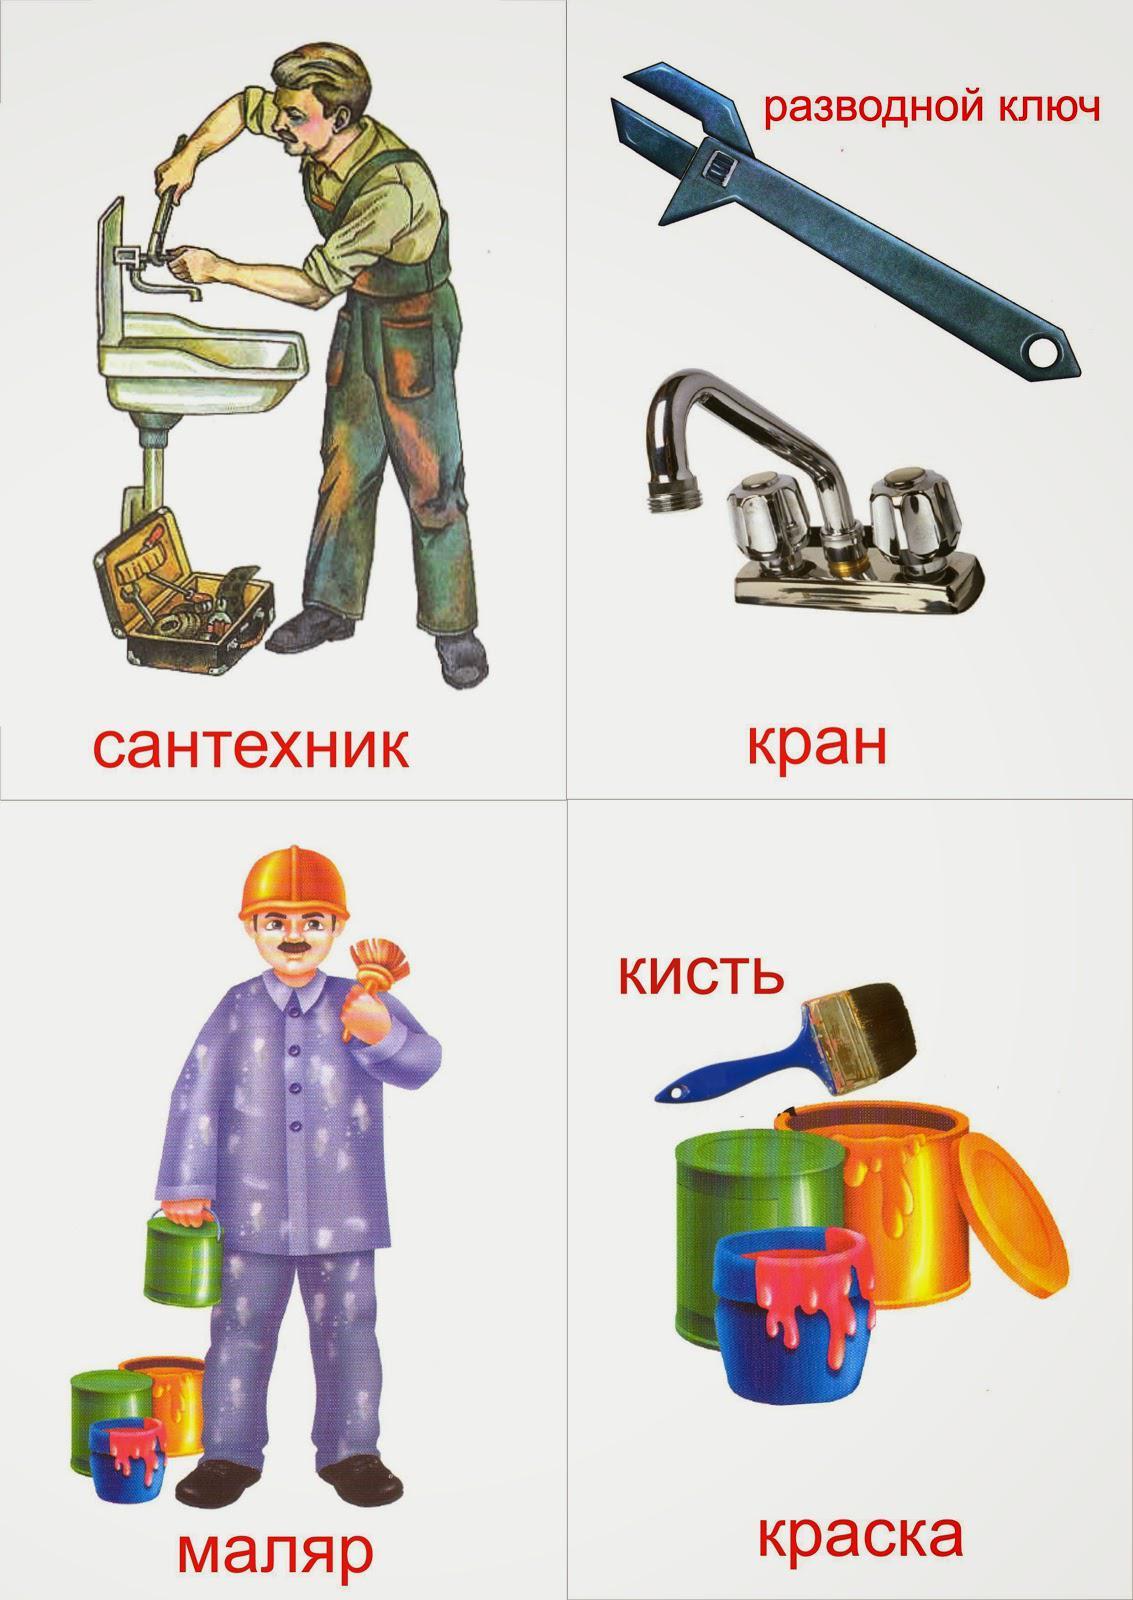 Карточки профессии Карточки профессии. Карточки про профессии и их инструменты для детей. Готовимся к школе.